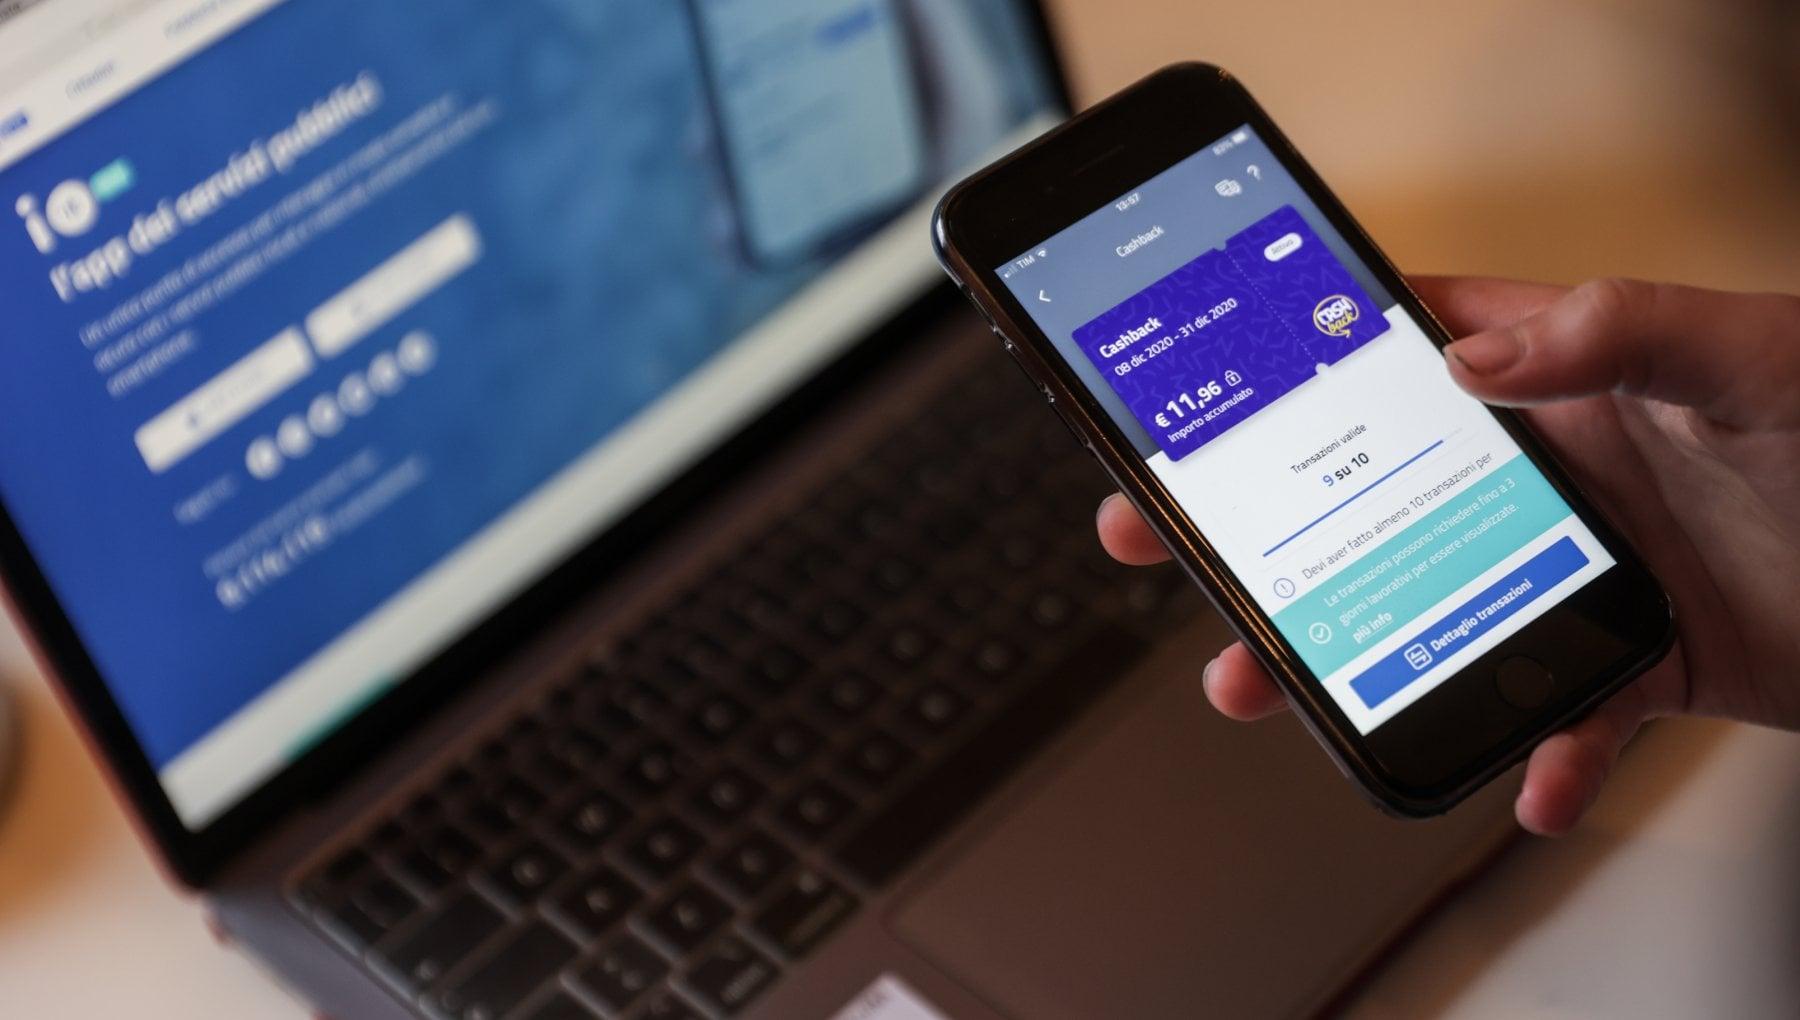 Nasce il servizio civile digitale mille giovani aiuteranno chi non sa usare Spid e servizi online